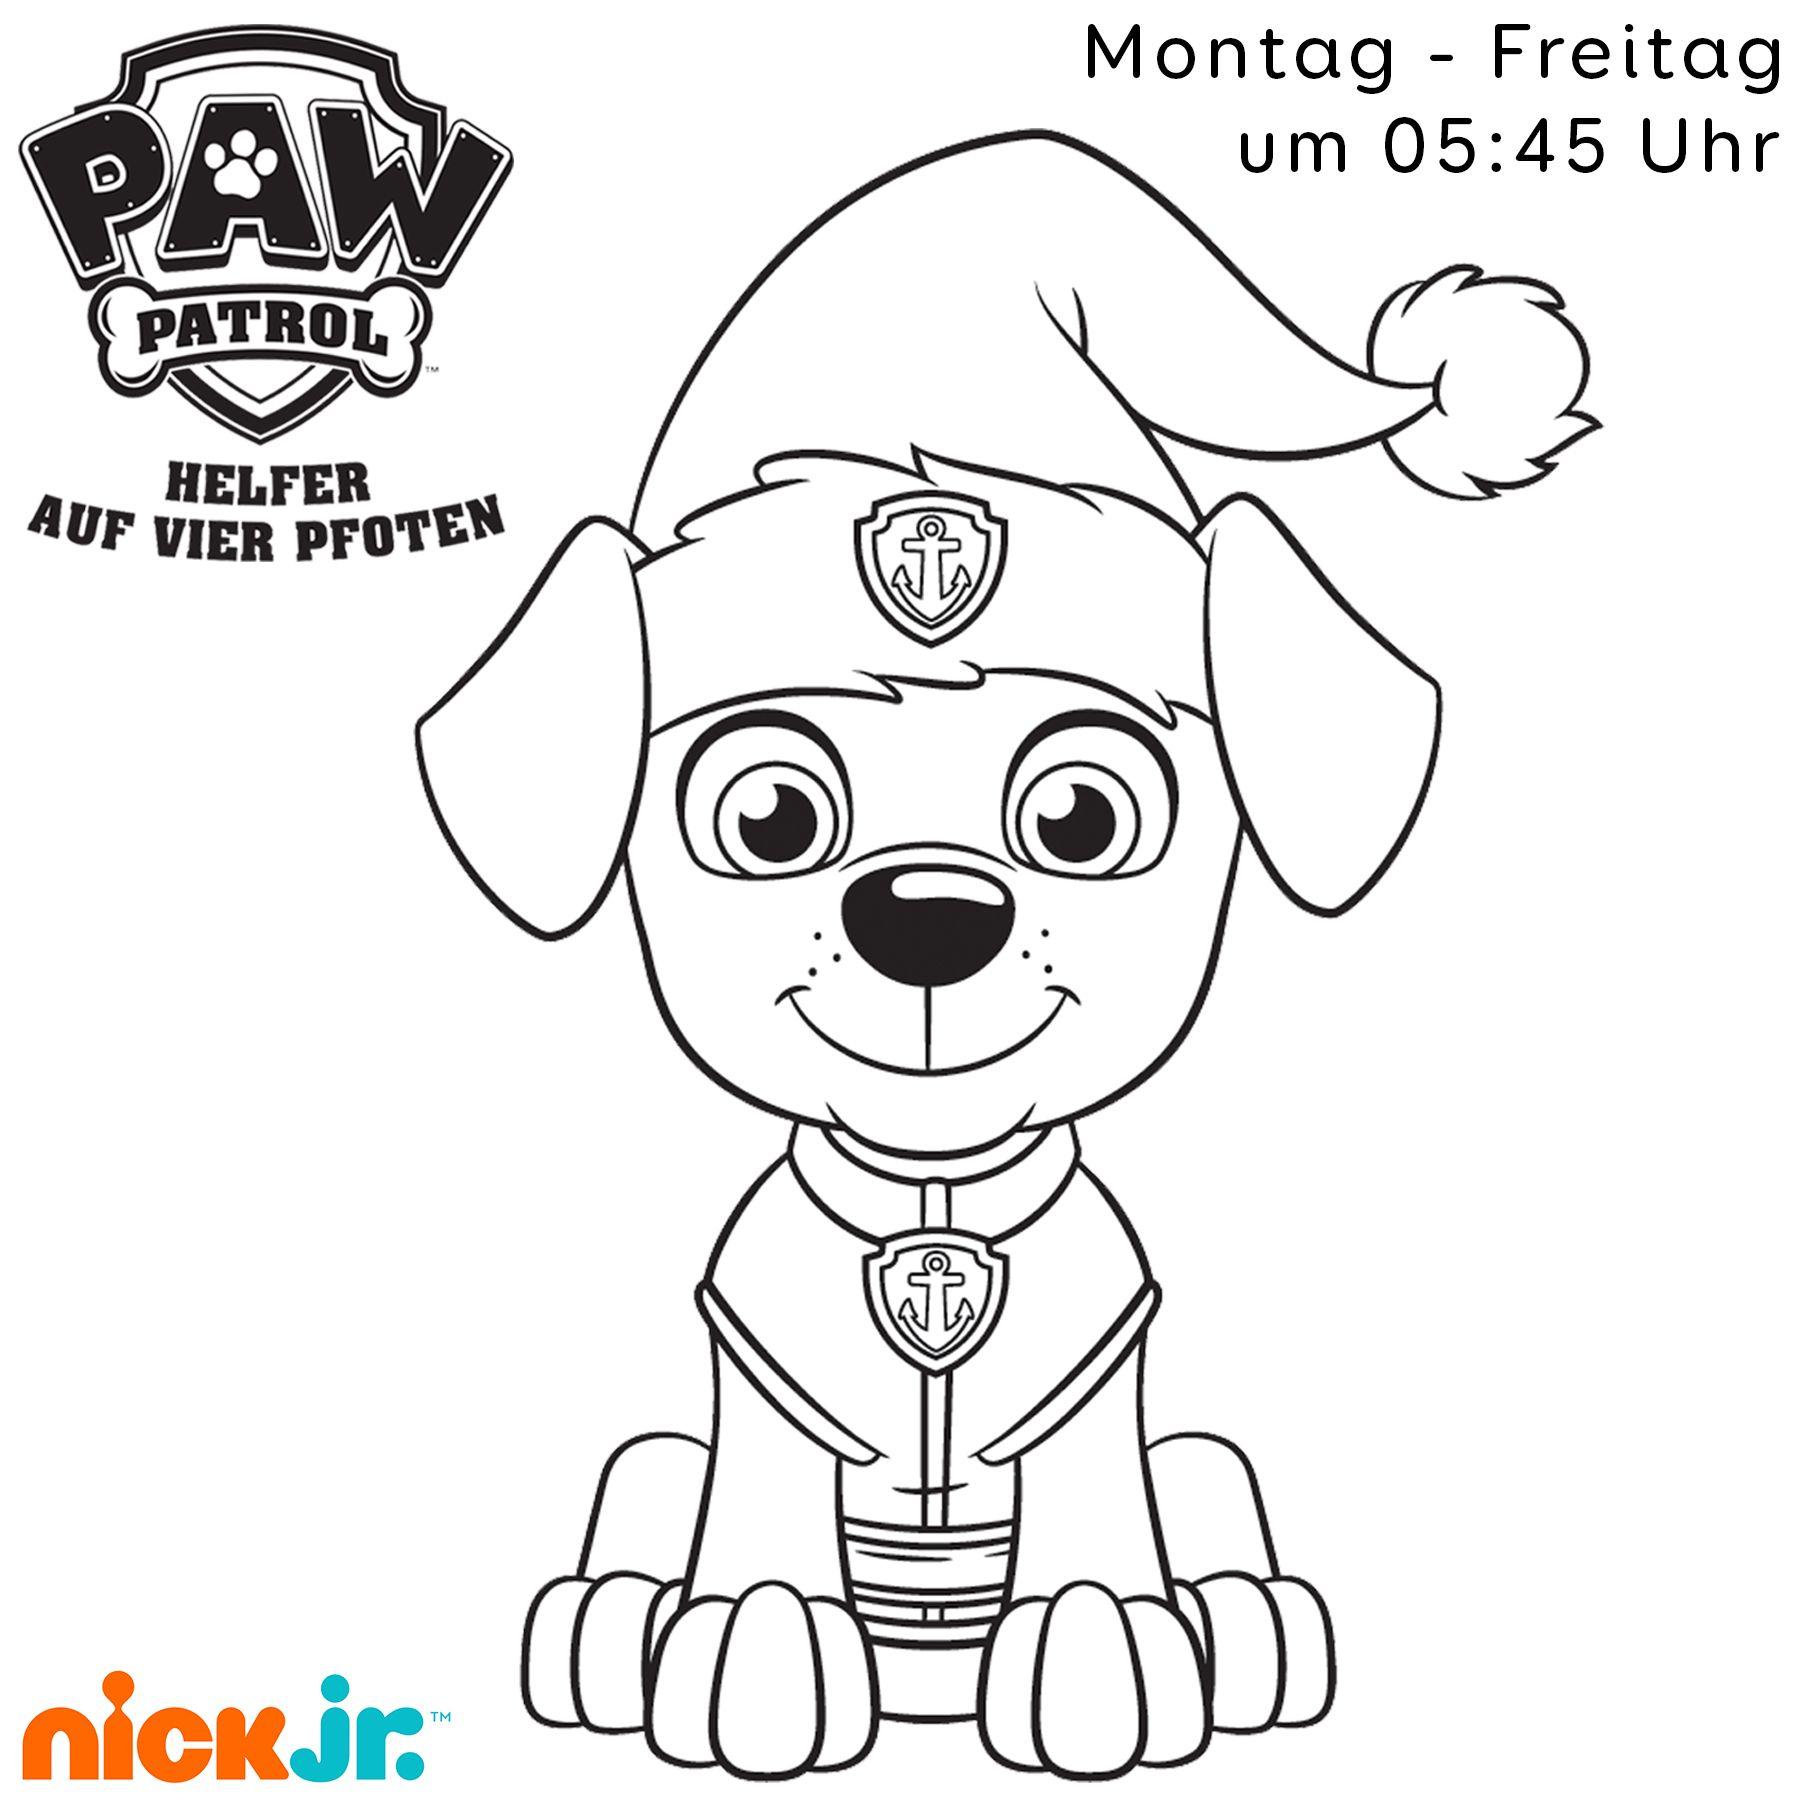 paw patrol gewinnspiel  nickch  ideias riscos